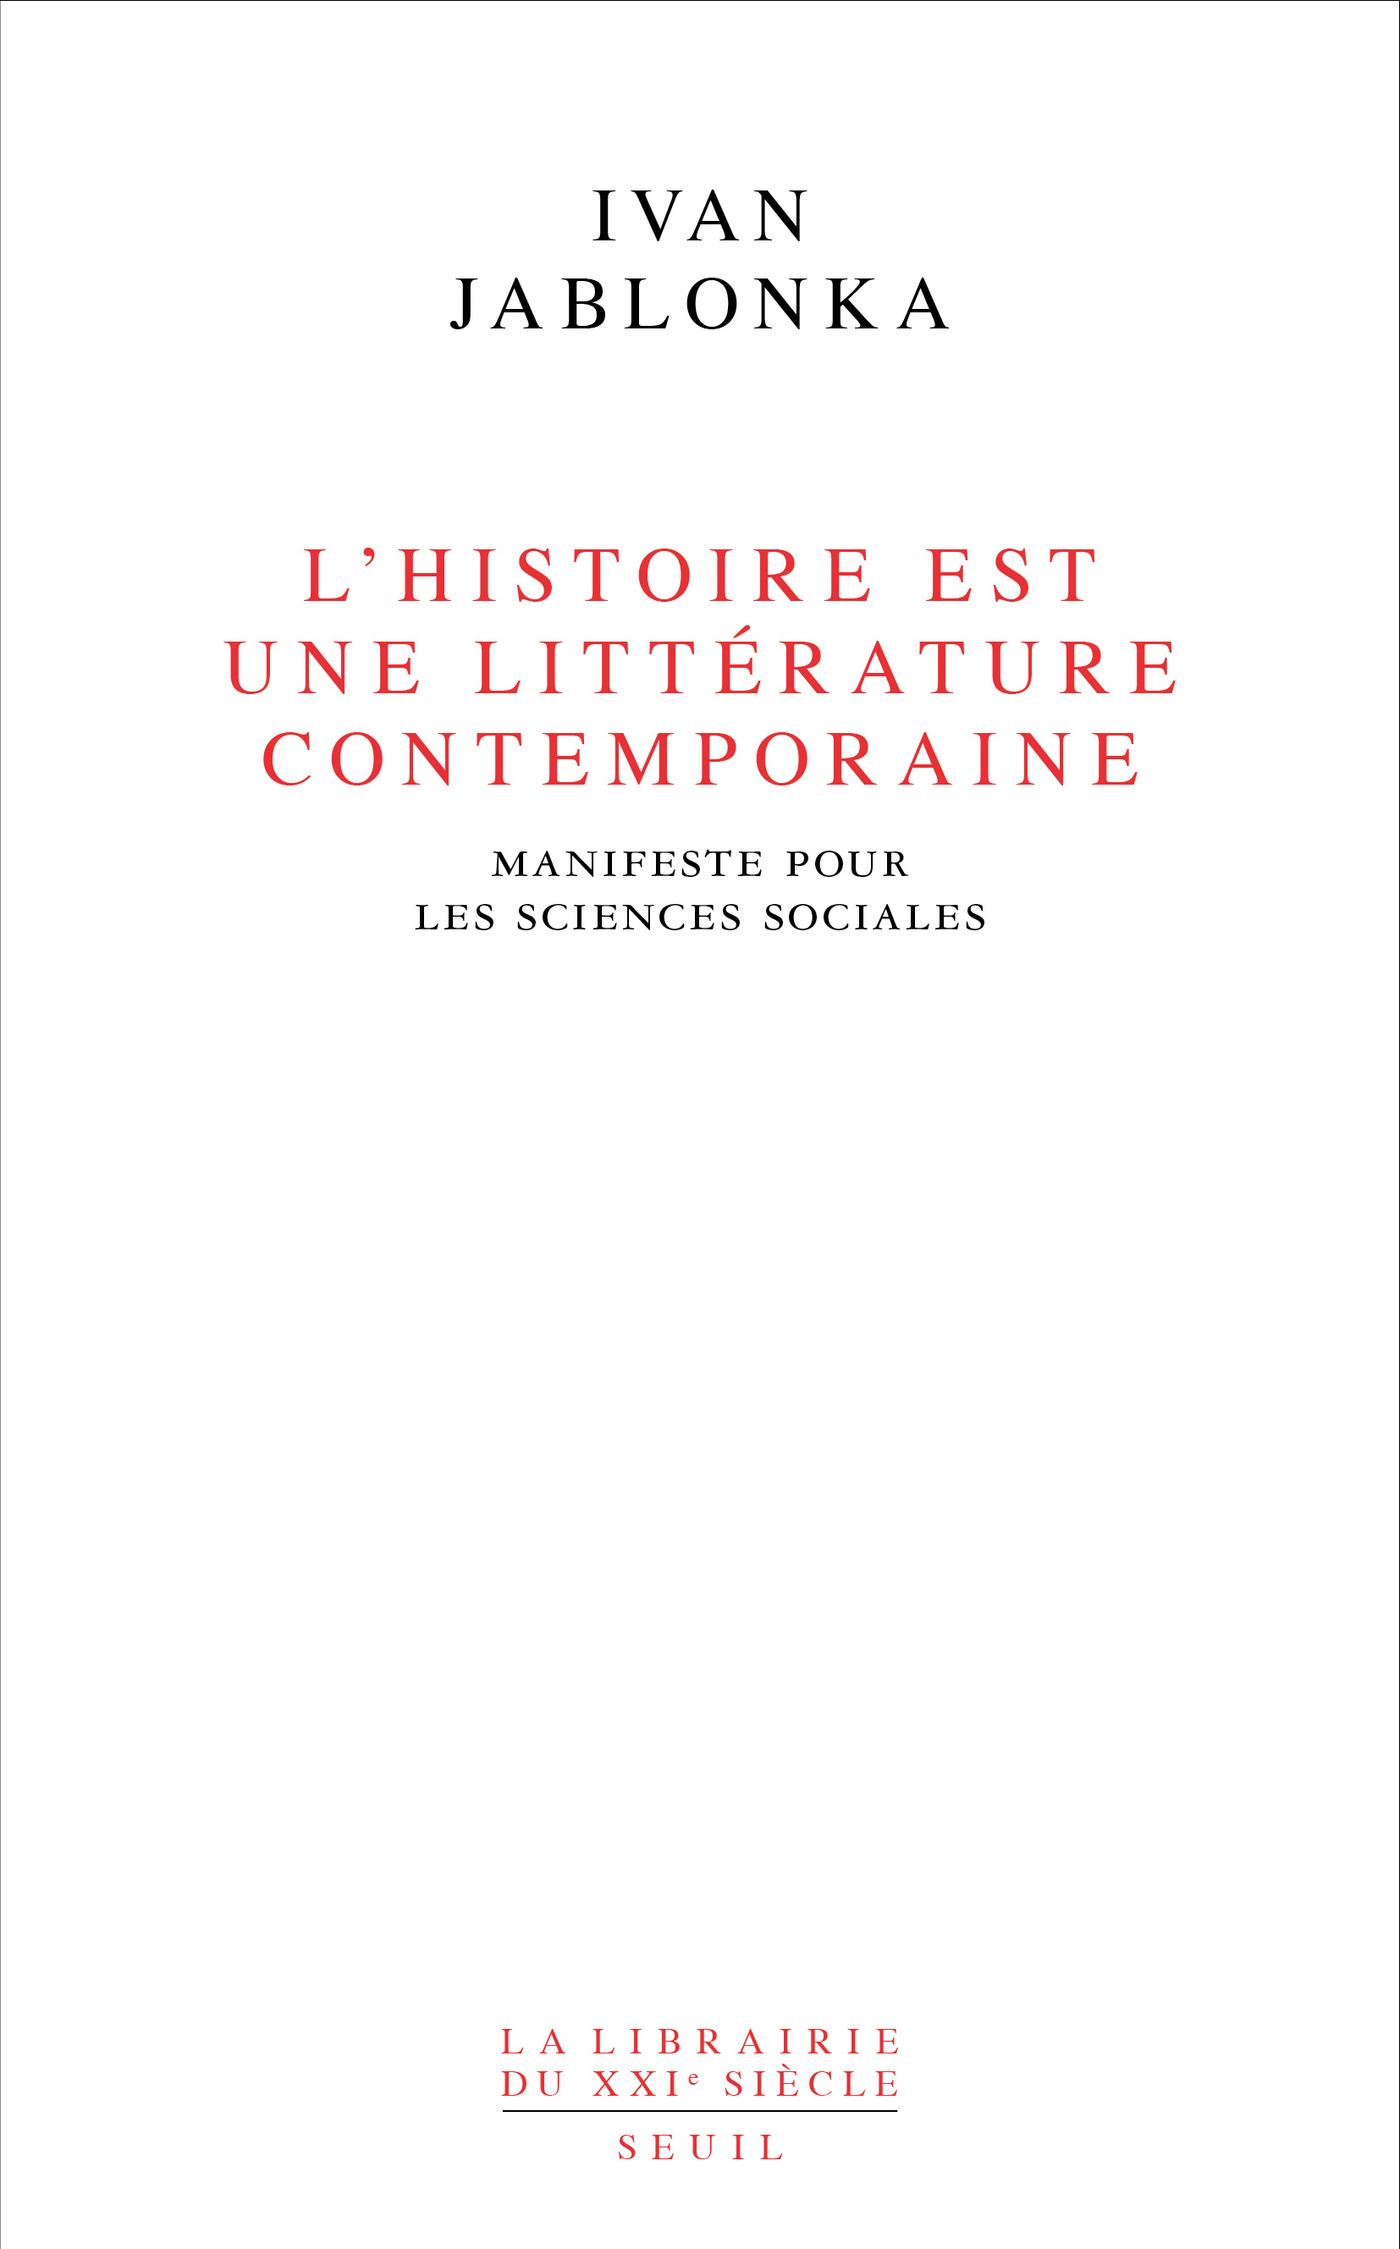 L'Histoire est une littérature contemporaine . Manifeste pour les sciences sociales